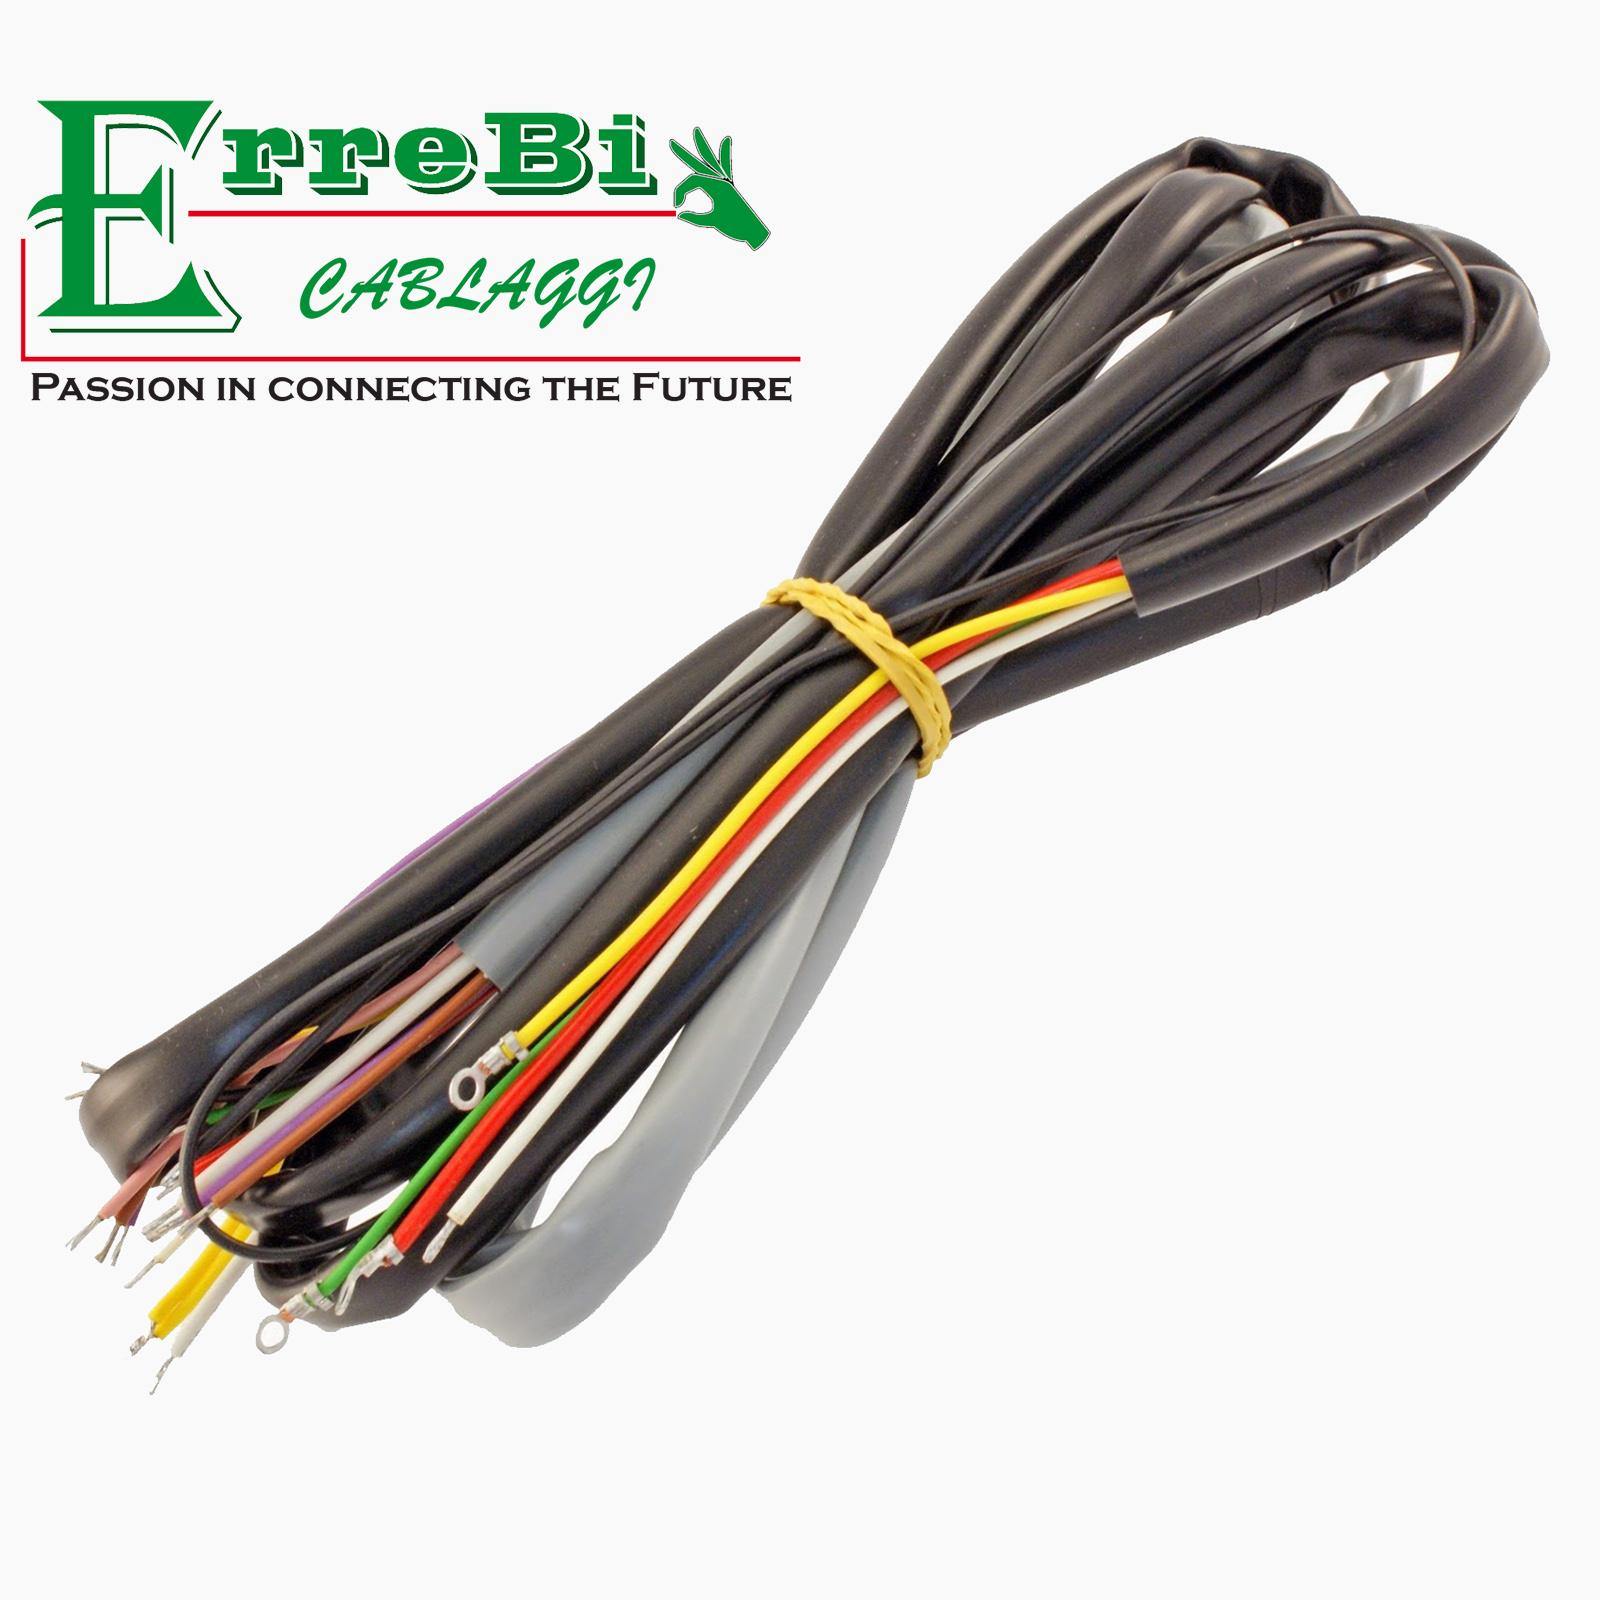 Schema Impianto Elettrico Per Vespa 50 Special : Impianto elettrico cablaggio completo per piaggio vespa